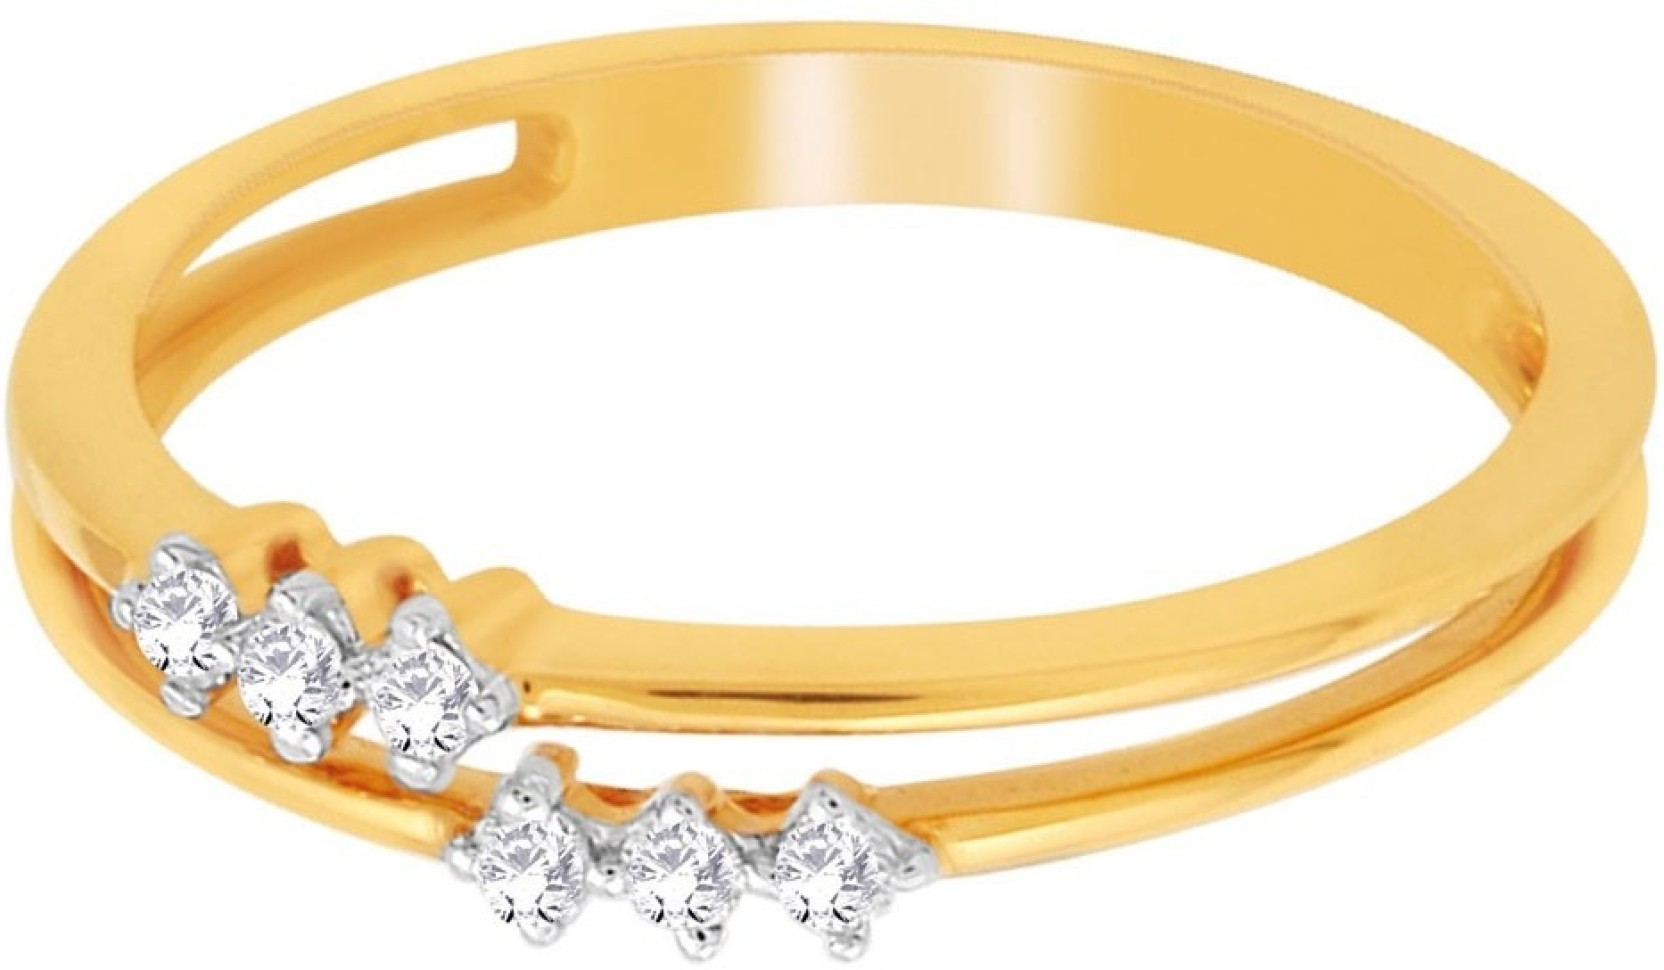 D\'damas 18kt Diamond Yellow Gold ring Price in India - Buy D\'damas ...